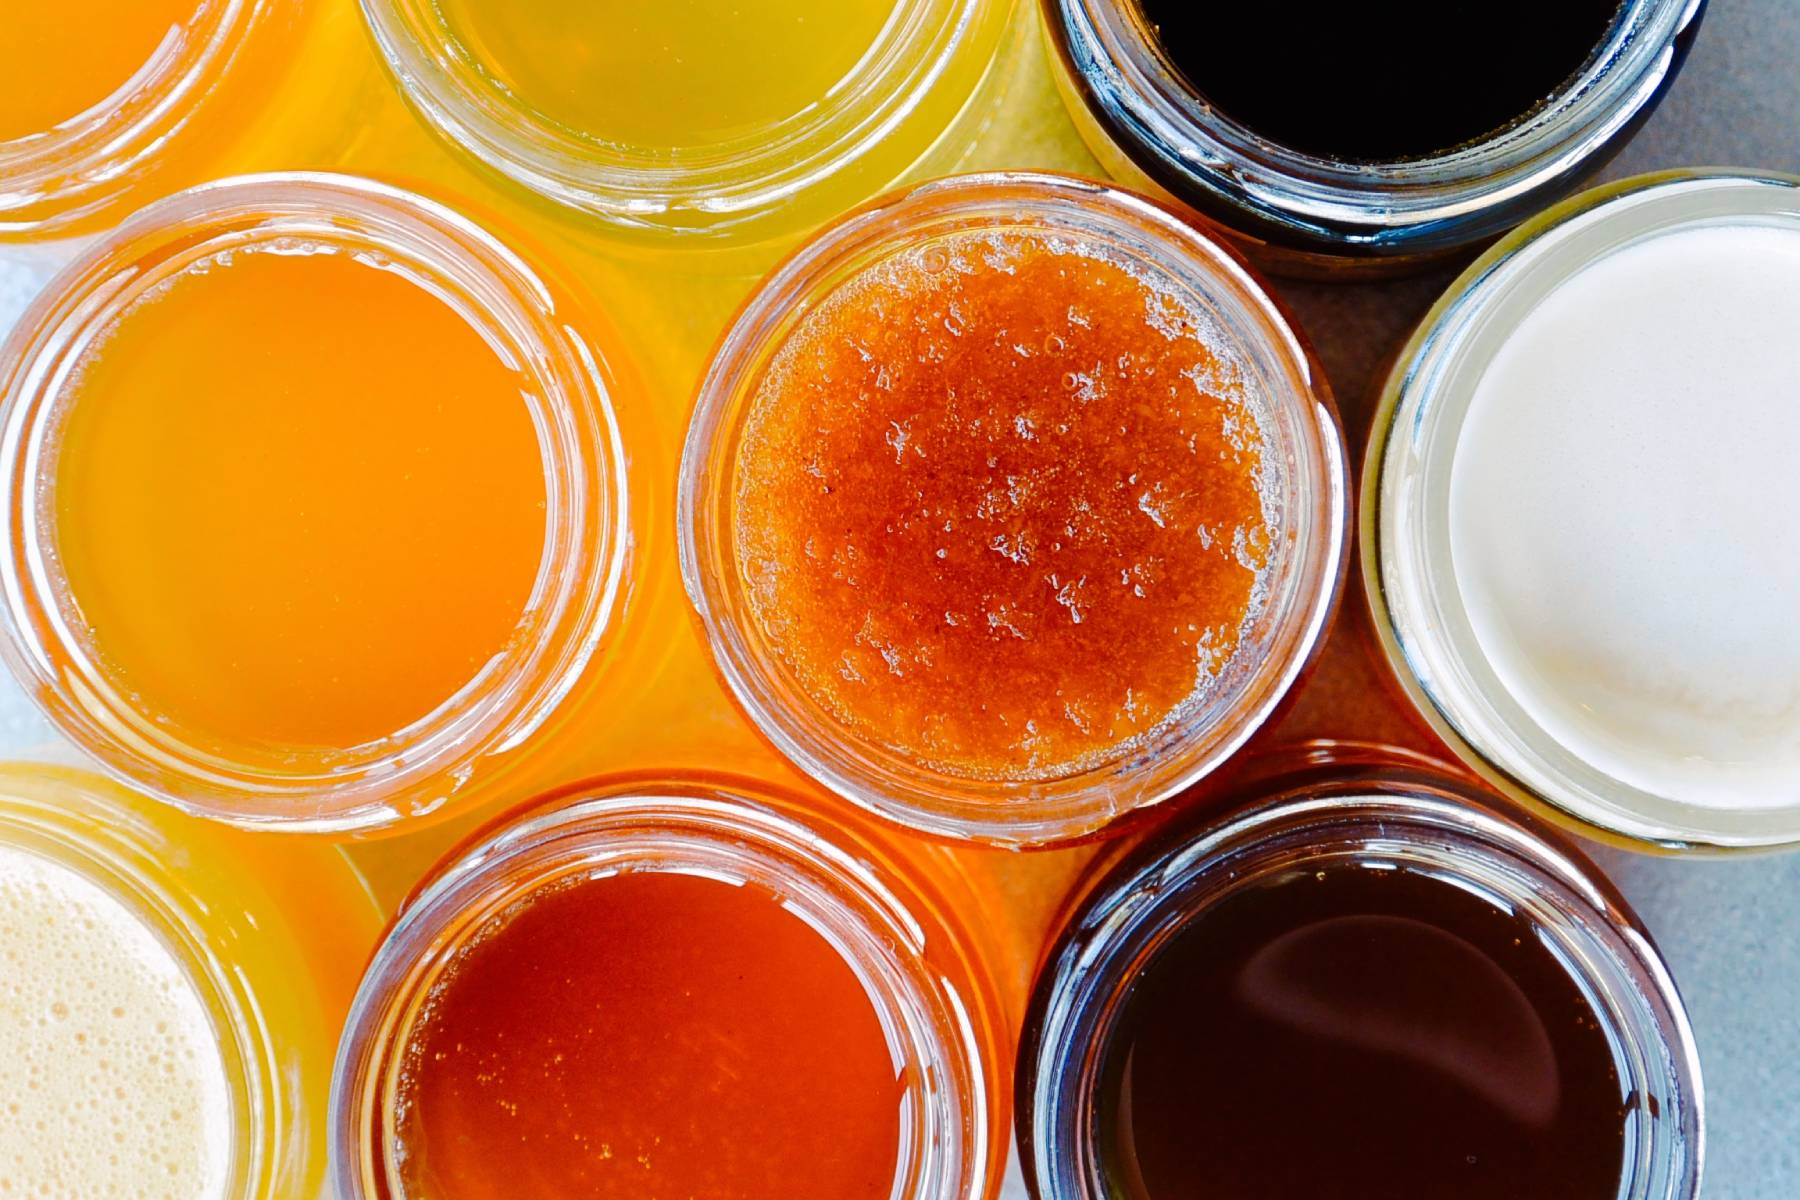 Miody odmianowe. Kolor, smak i odmiany miodów